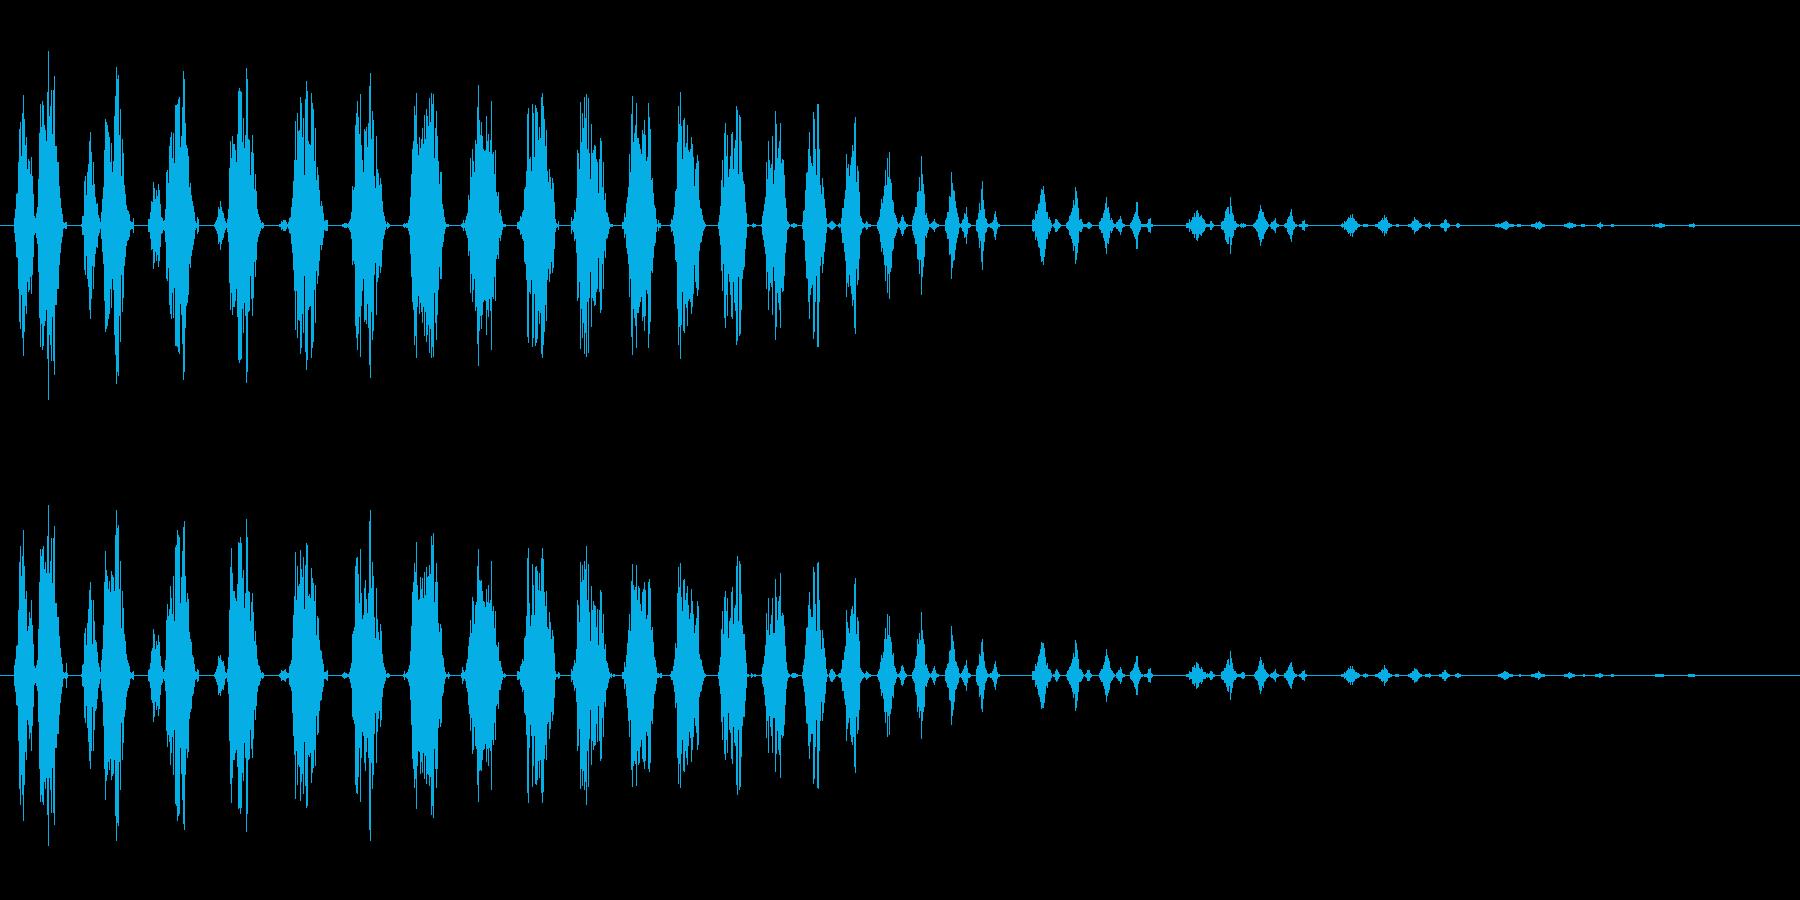 ビチョビチョビチョ(高速で移動する音)の再生済みの波形